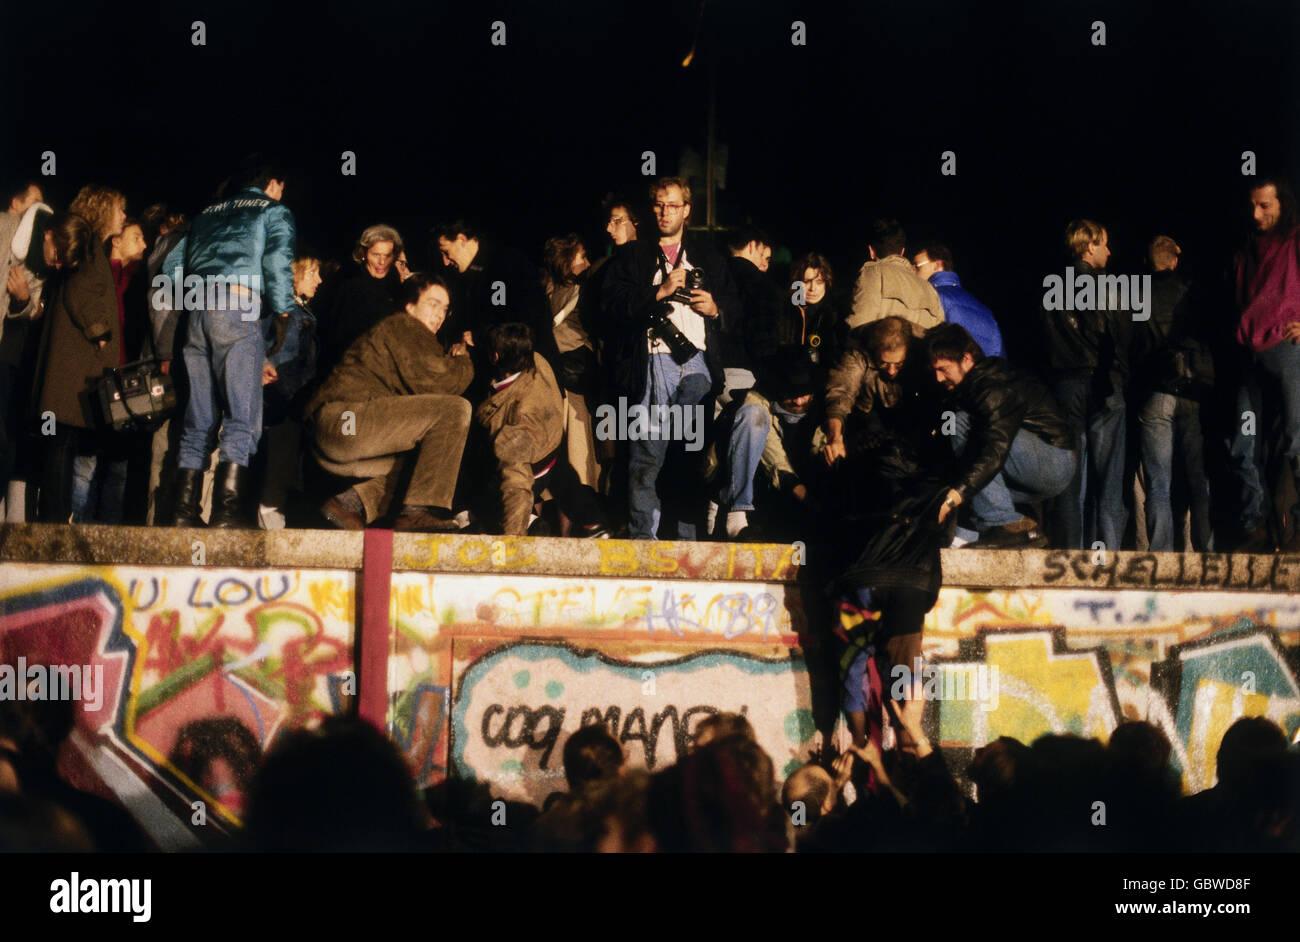 Geografia / viaggi, la Germania, la caduta del muro di Berlino, persone che salgono sul muro di Berlino, 9.11.1989, Foto Stock